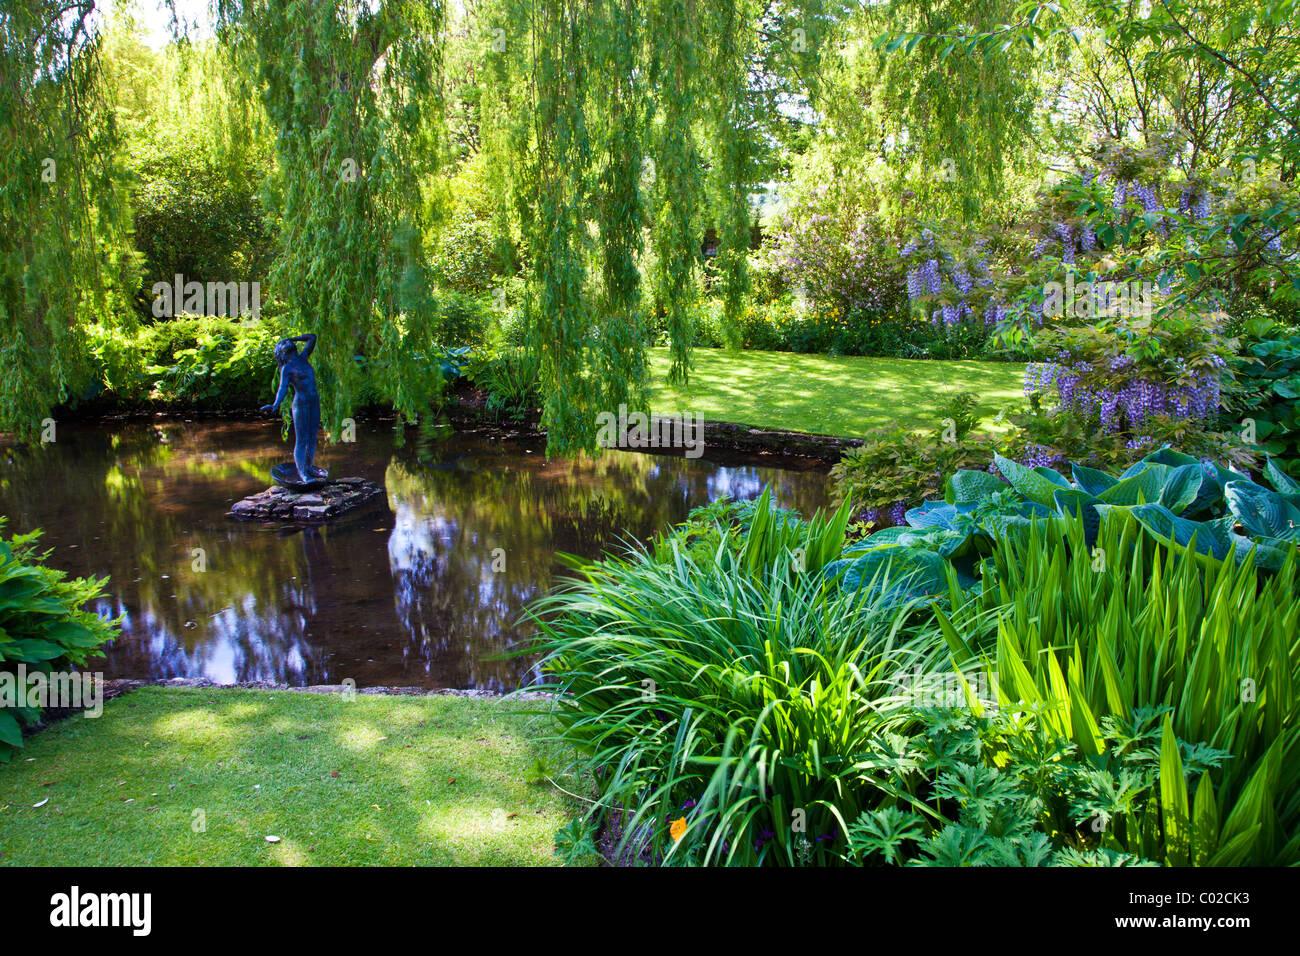 An Ornamental Garden Pond In An English Country Garden